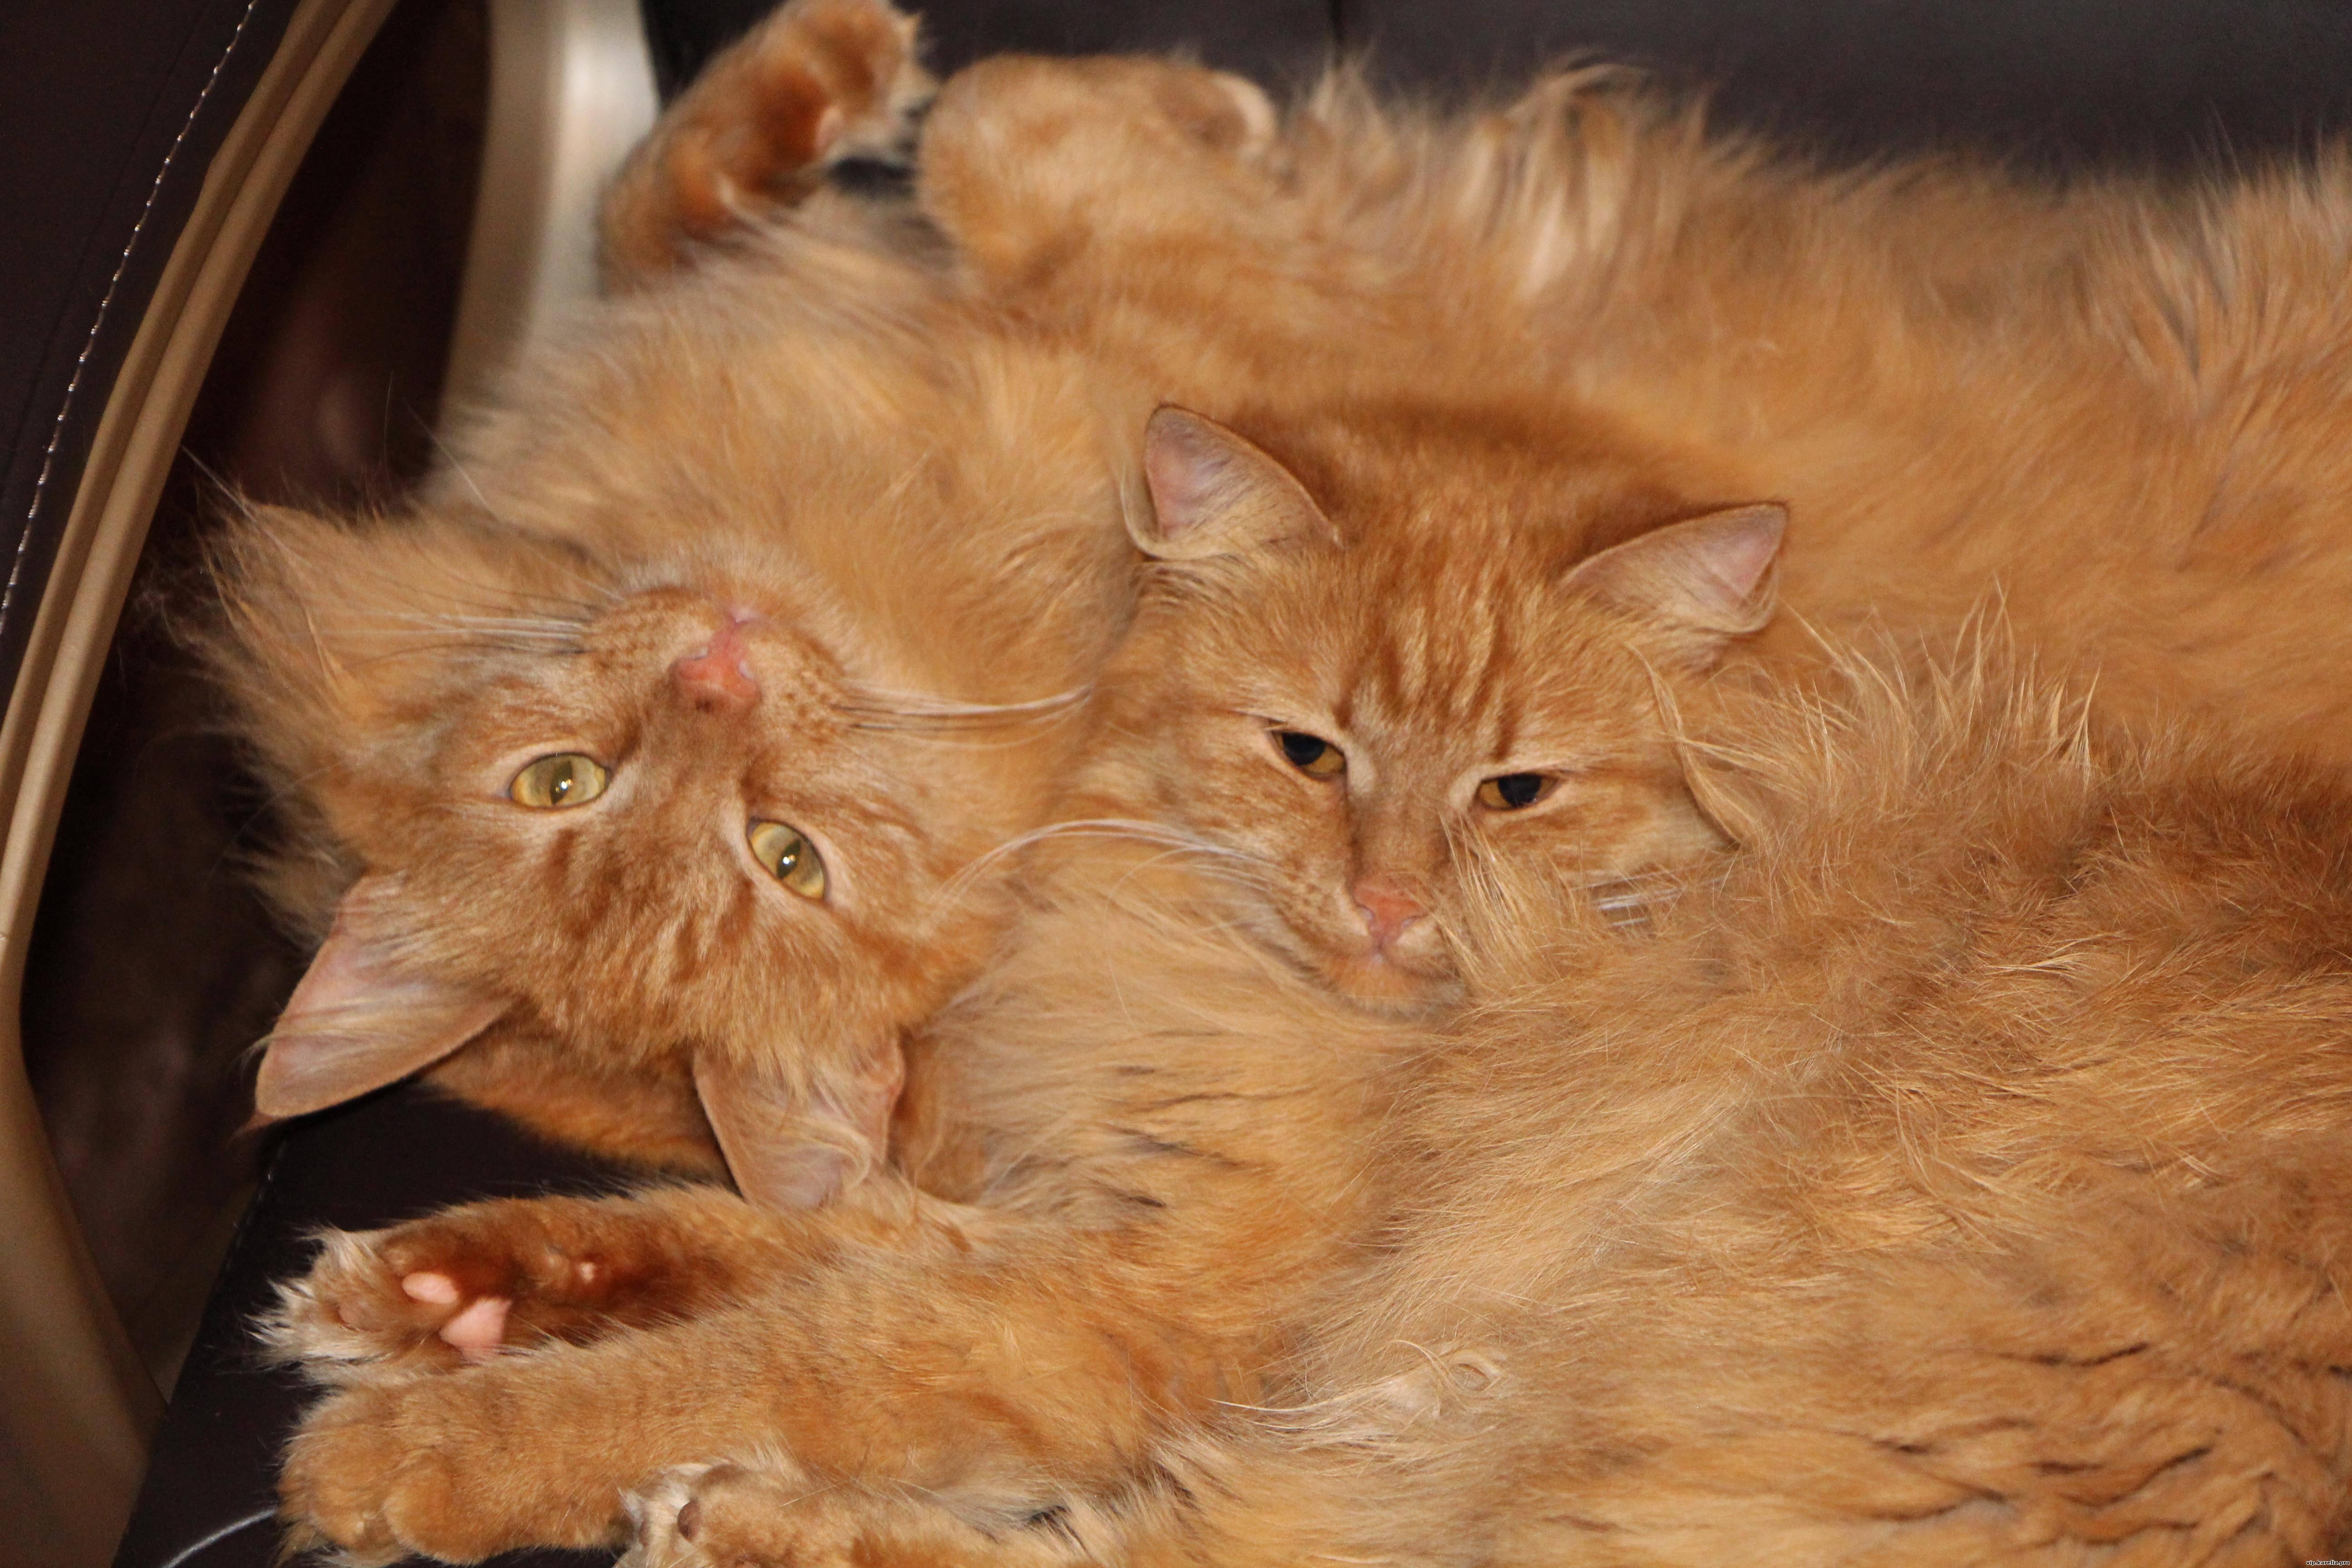 Рыжие коты: фото, внешний вид, особенности, поведение